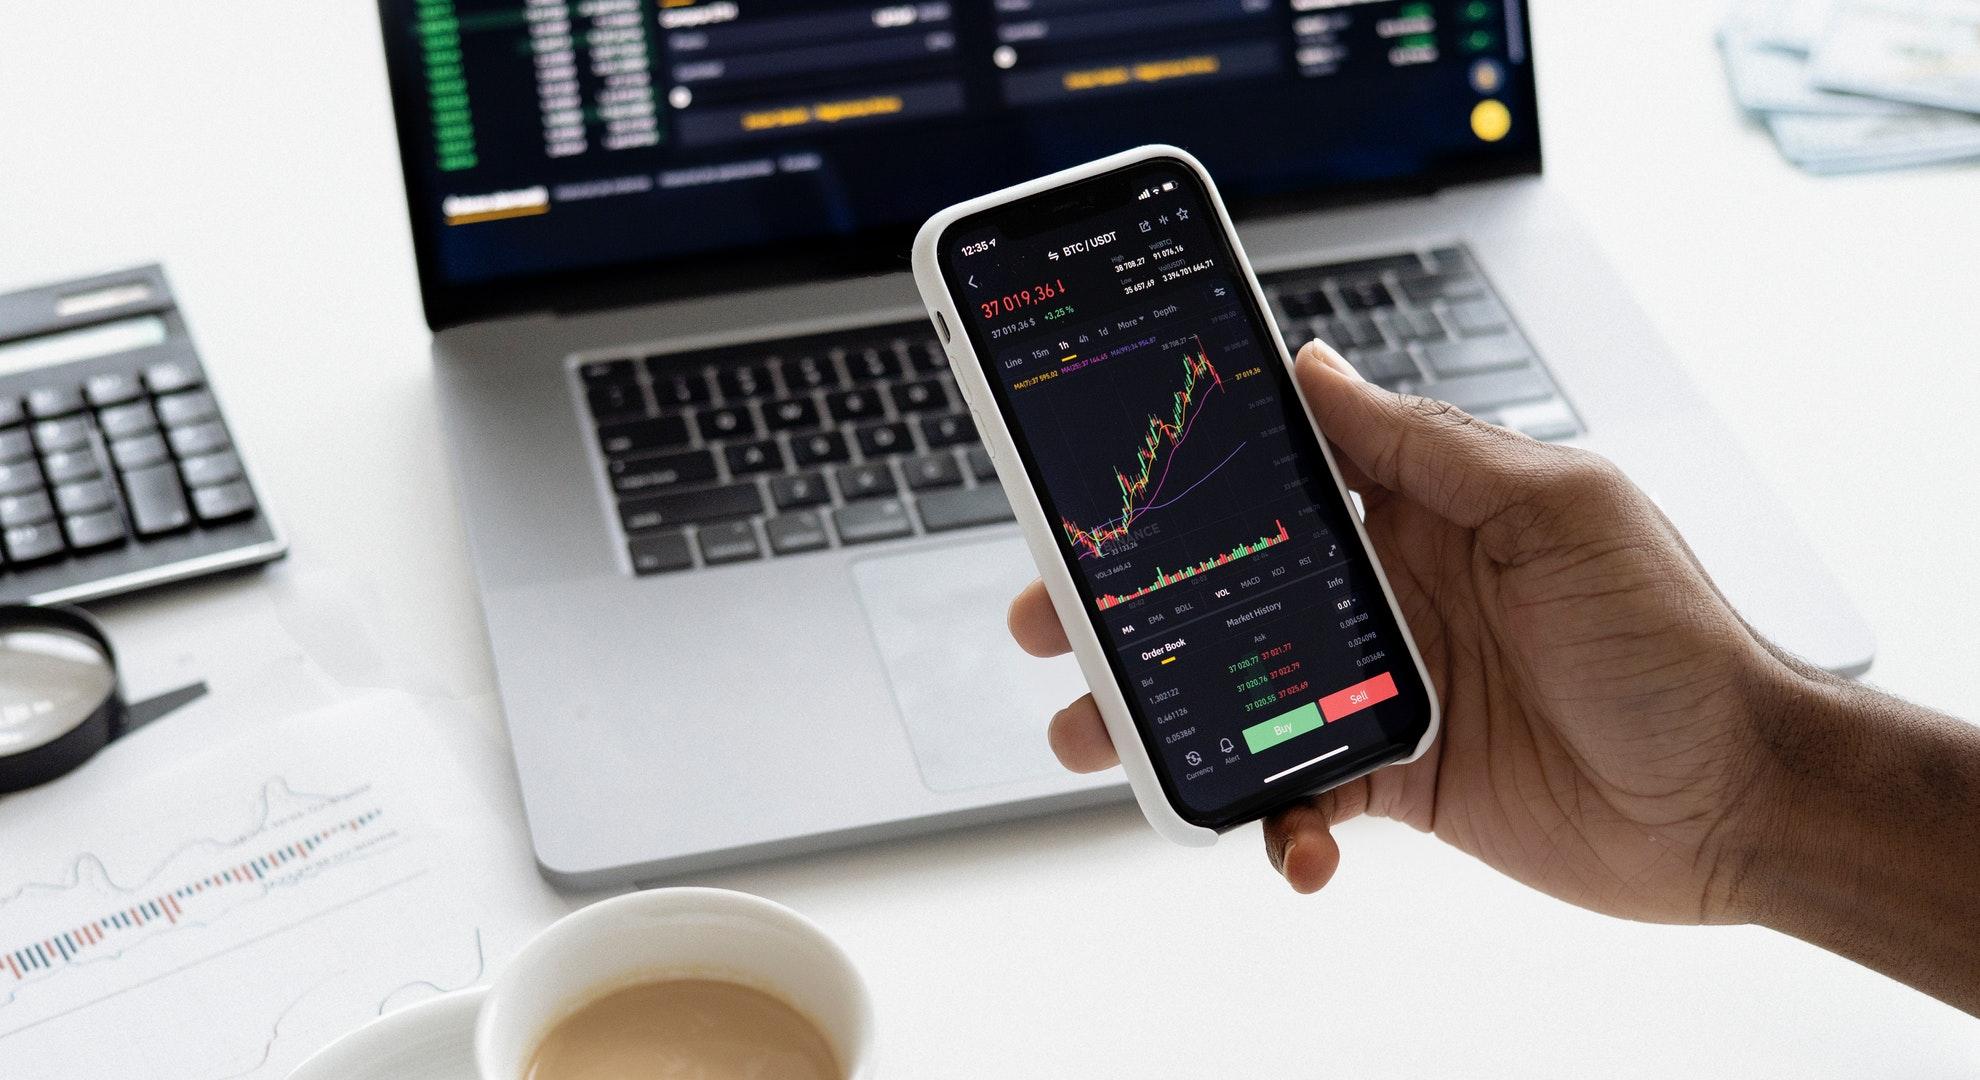 【高配当株投資】【台湾株】現在投資をしている台湾株と高配当株ETFの紹介